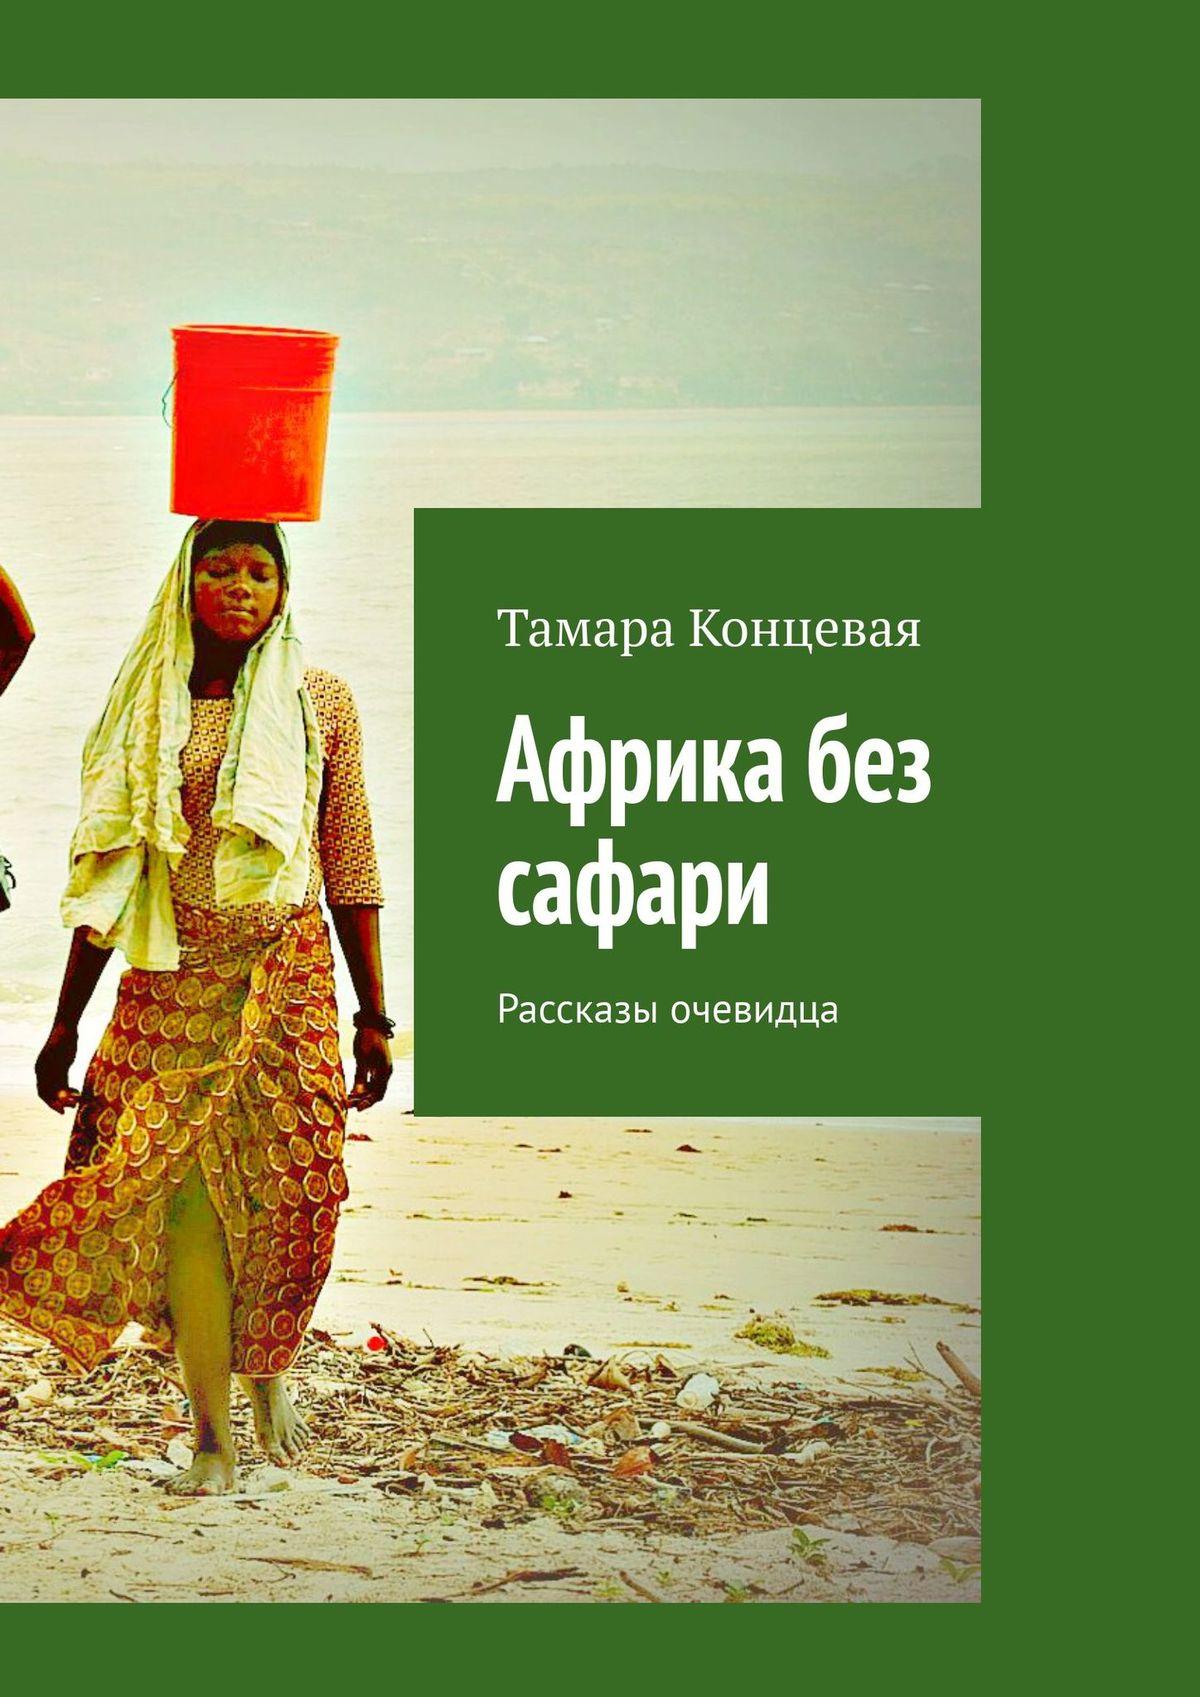 afrika bez safari priklyuchencheskaya povest